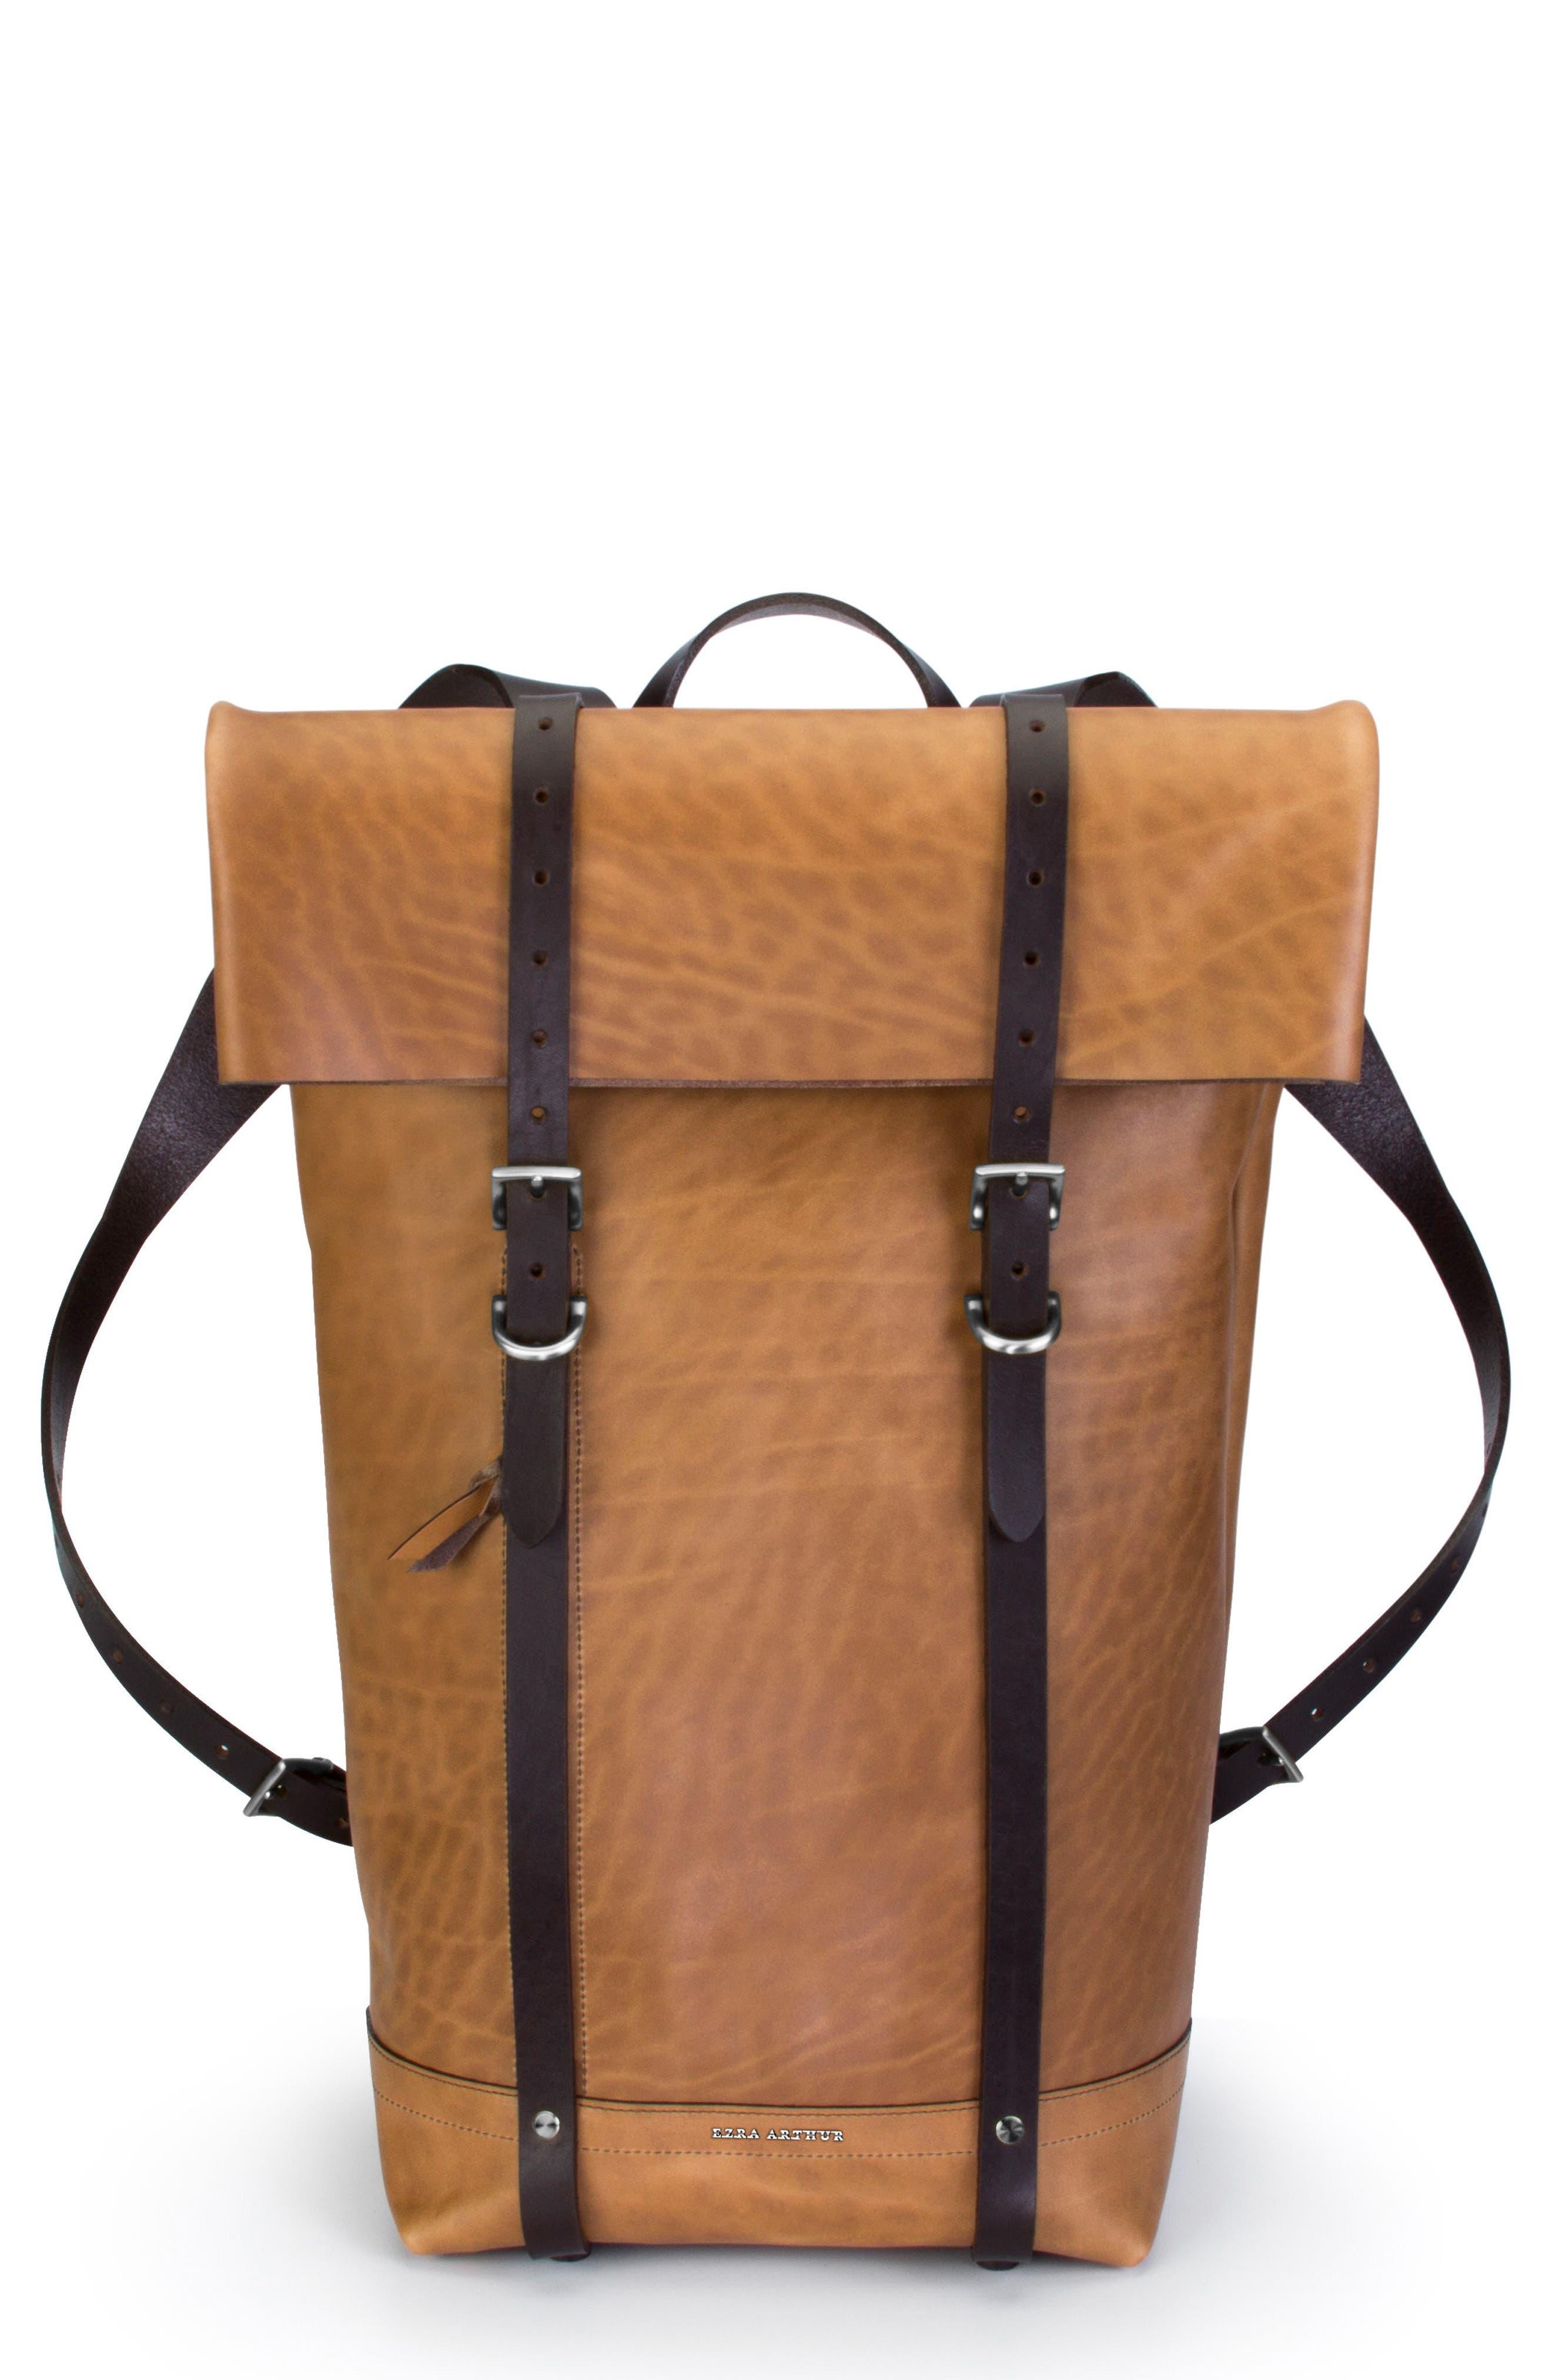 Keystone Nickel Detail Leather Rucksack,                         Main,                         color, WHISKEY / NICKEL